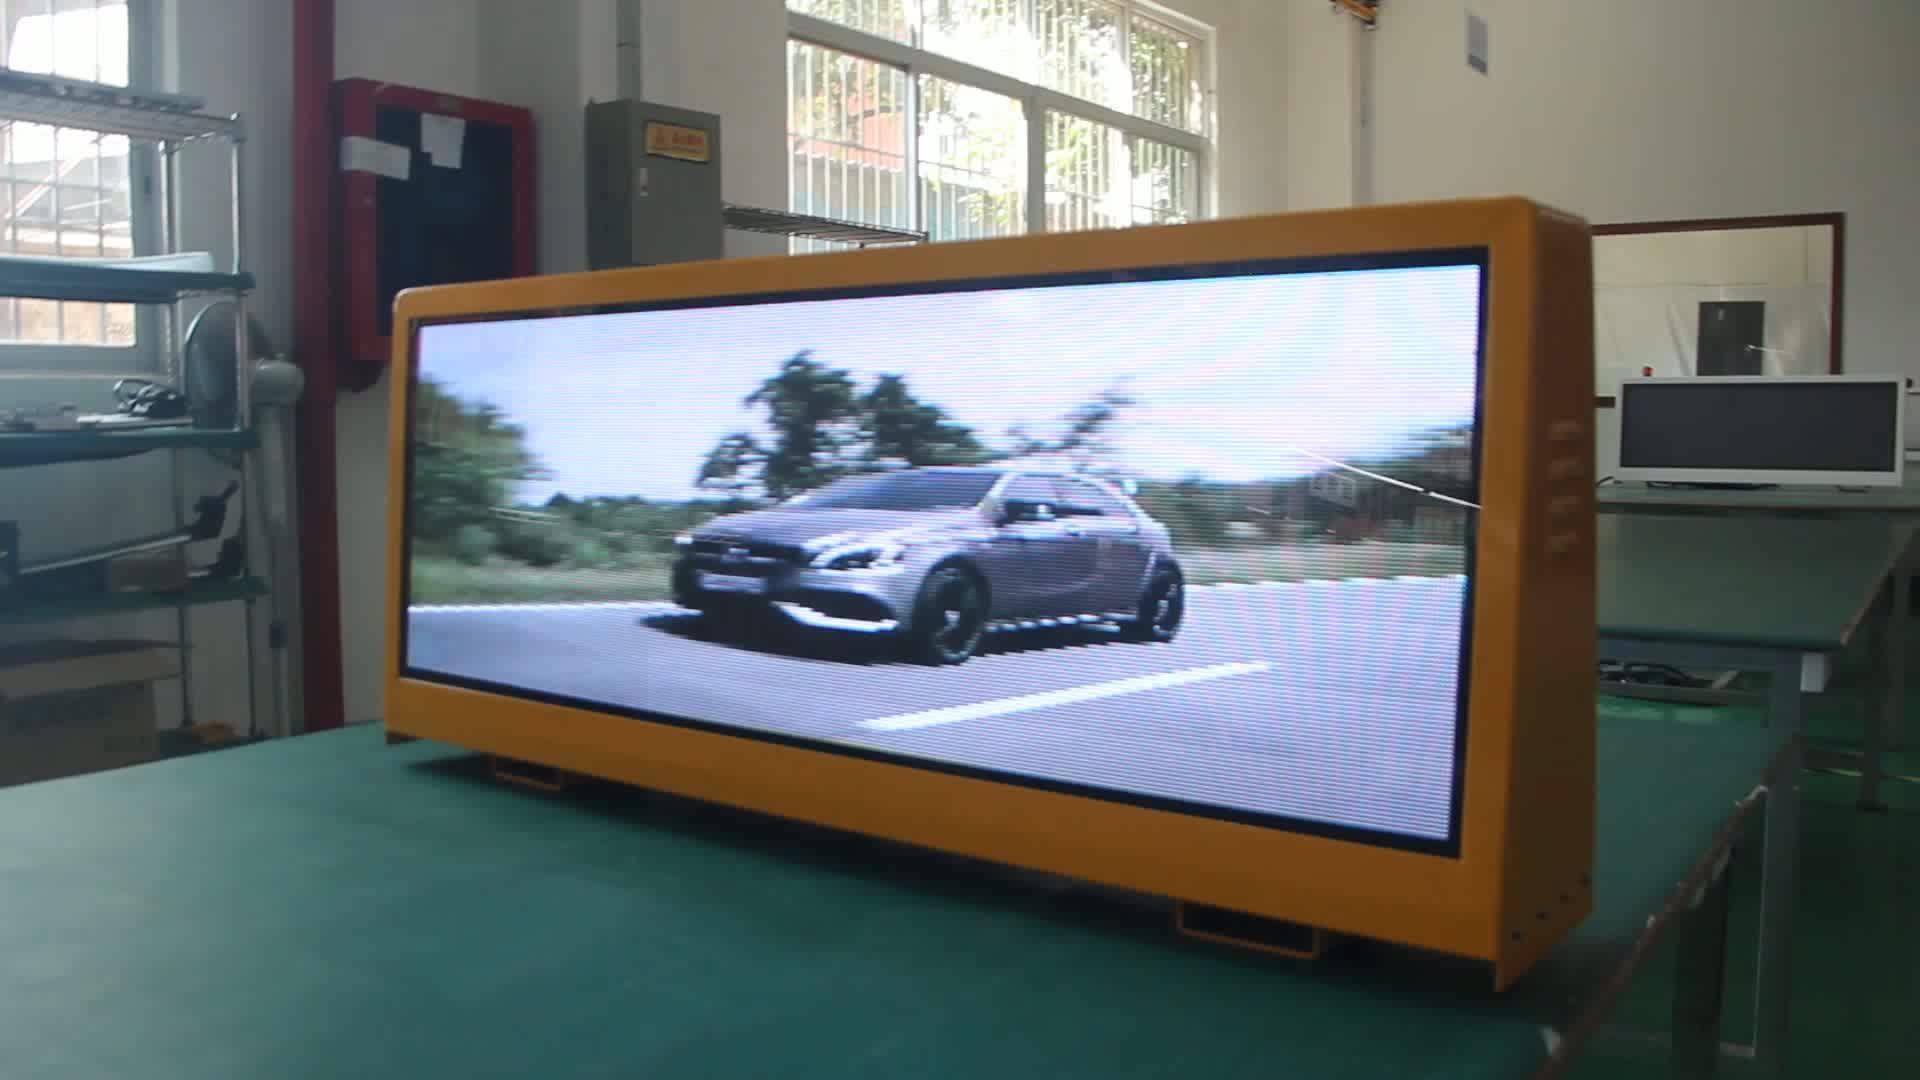 LED-Taxi-Dach LED 4G WiFi führte Anzeige / geführte Bildschirmautowerbung / Digital-Taxi-Spitzenwerbungszeichen